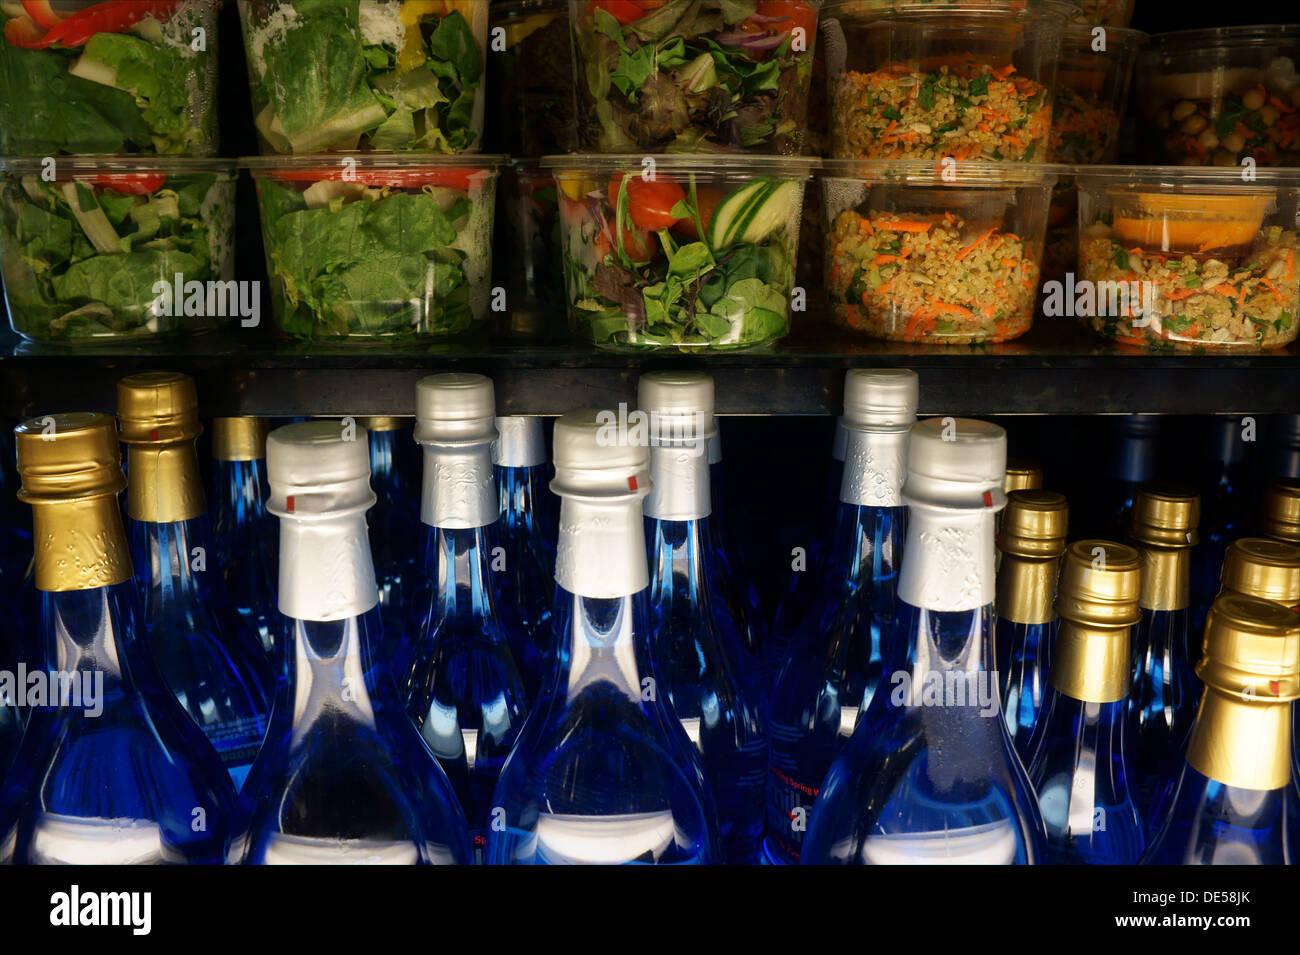 Les salades préparées et de l'eau en bouteille dans un café de cas d'affichage Photo Stock